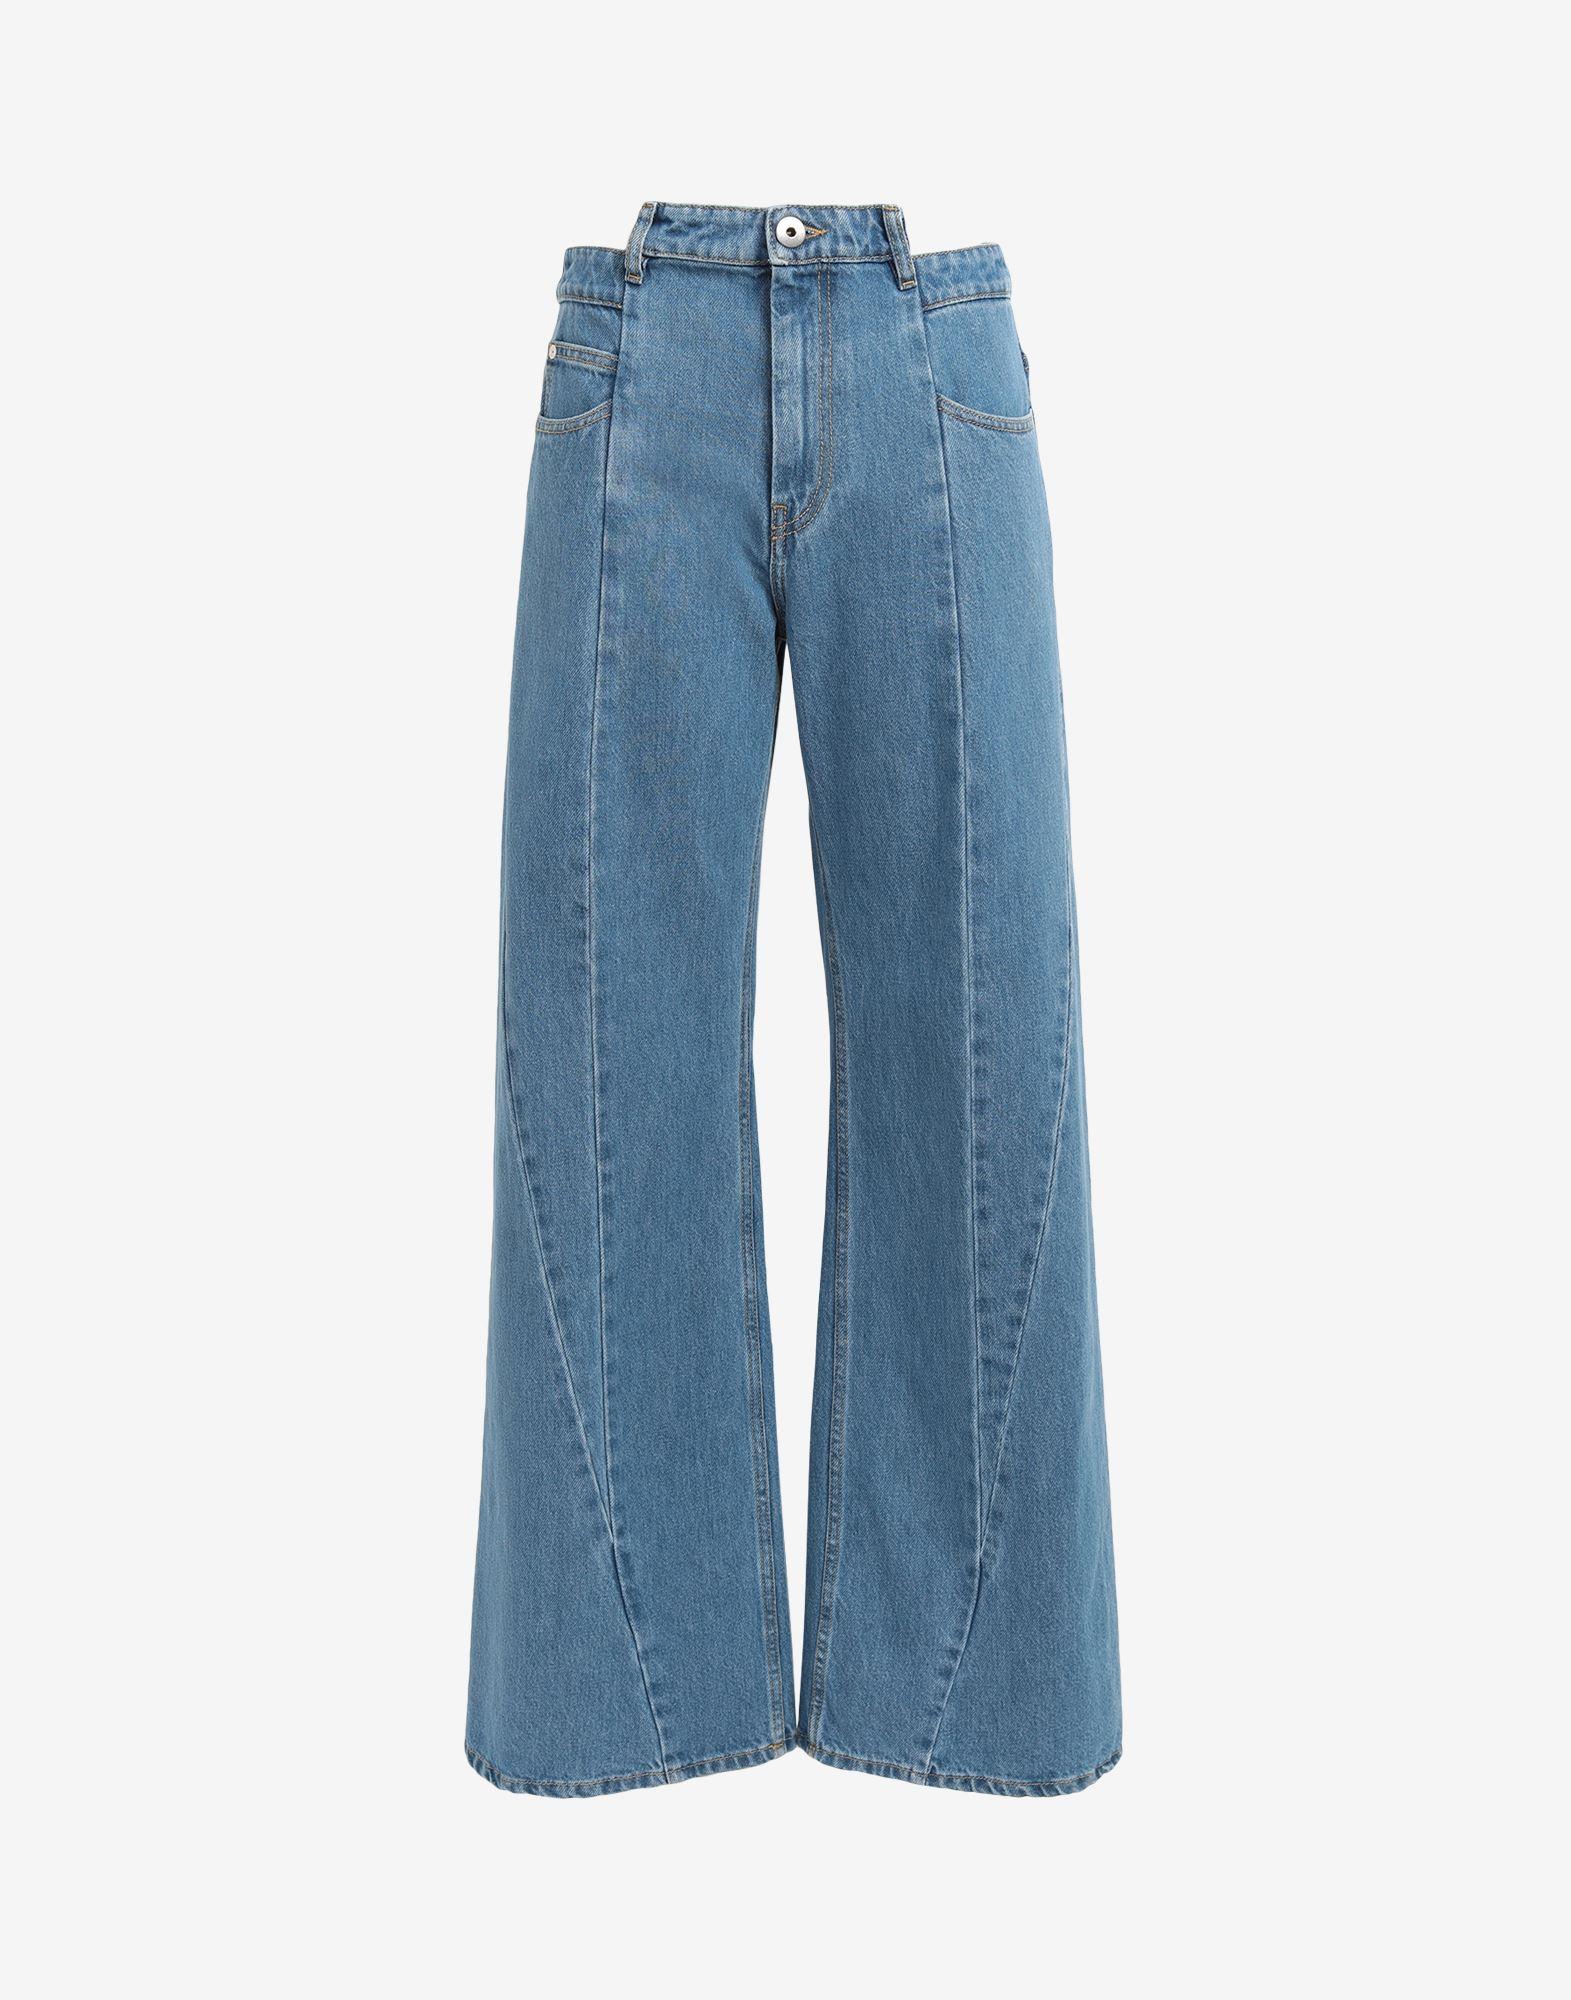 MAISON MARGIELA Pantalones de pernera ancha con diseño asimétrico decorticado Pantalones vaqueros Mujer f